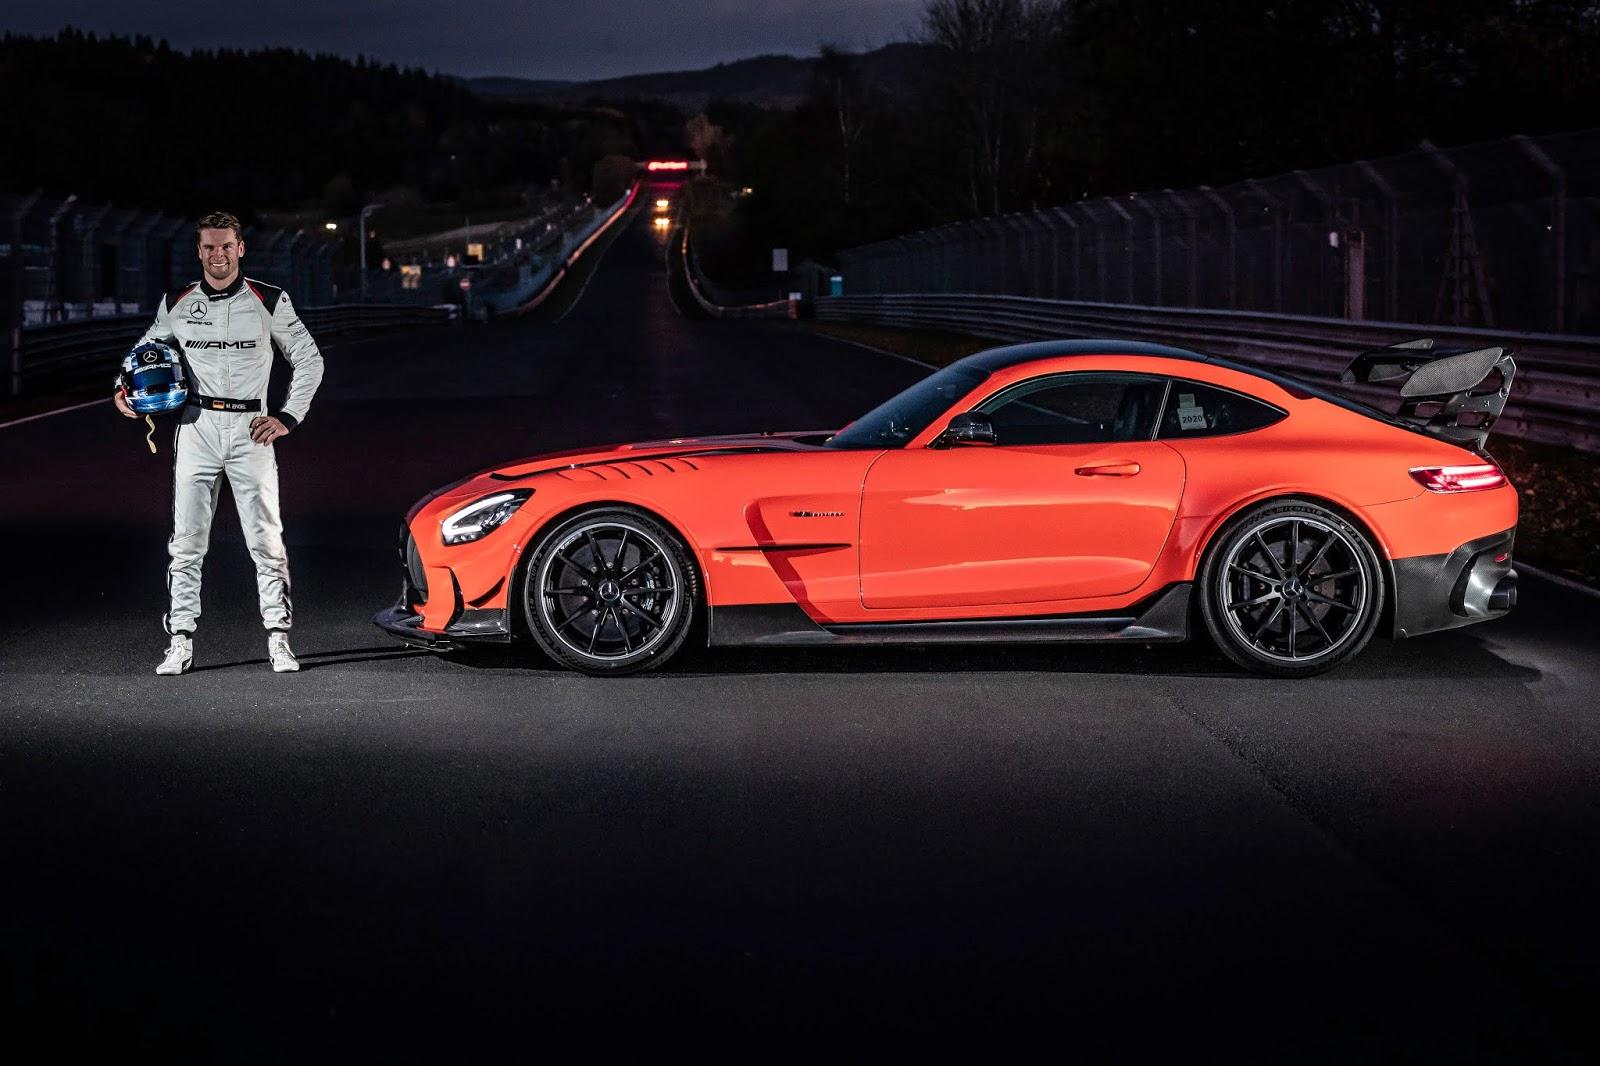 20C0672 017 1 GT Black Series : Η νέα Record Holder του Nurburgring AMG, GT Black Series, Mercedes, Nurburgring, ειδήσεις, Ρεκόρ